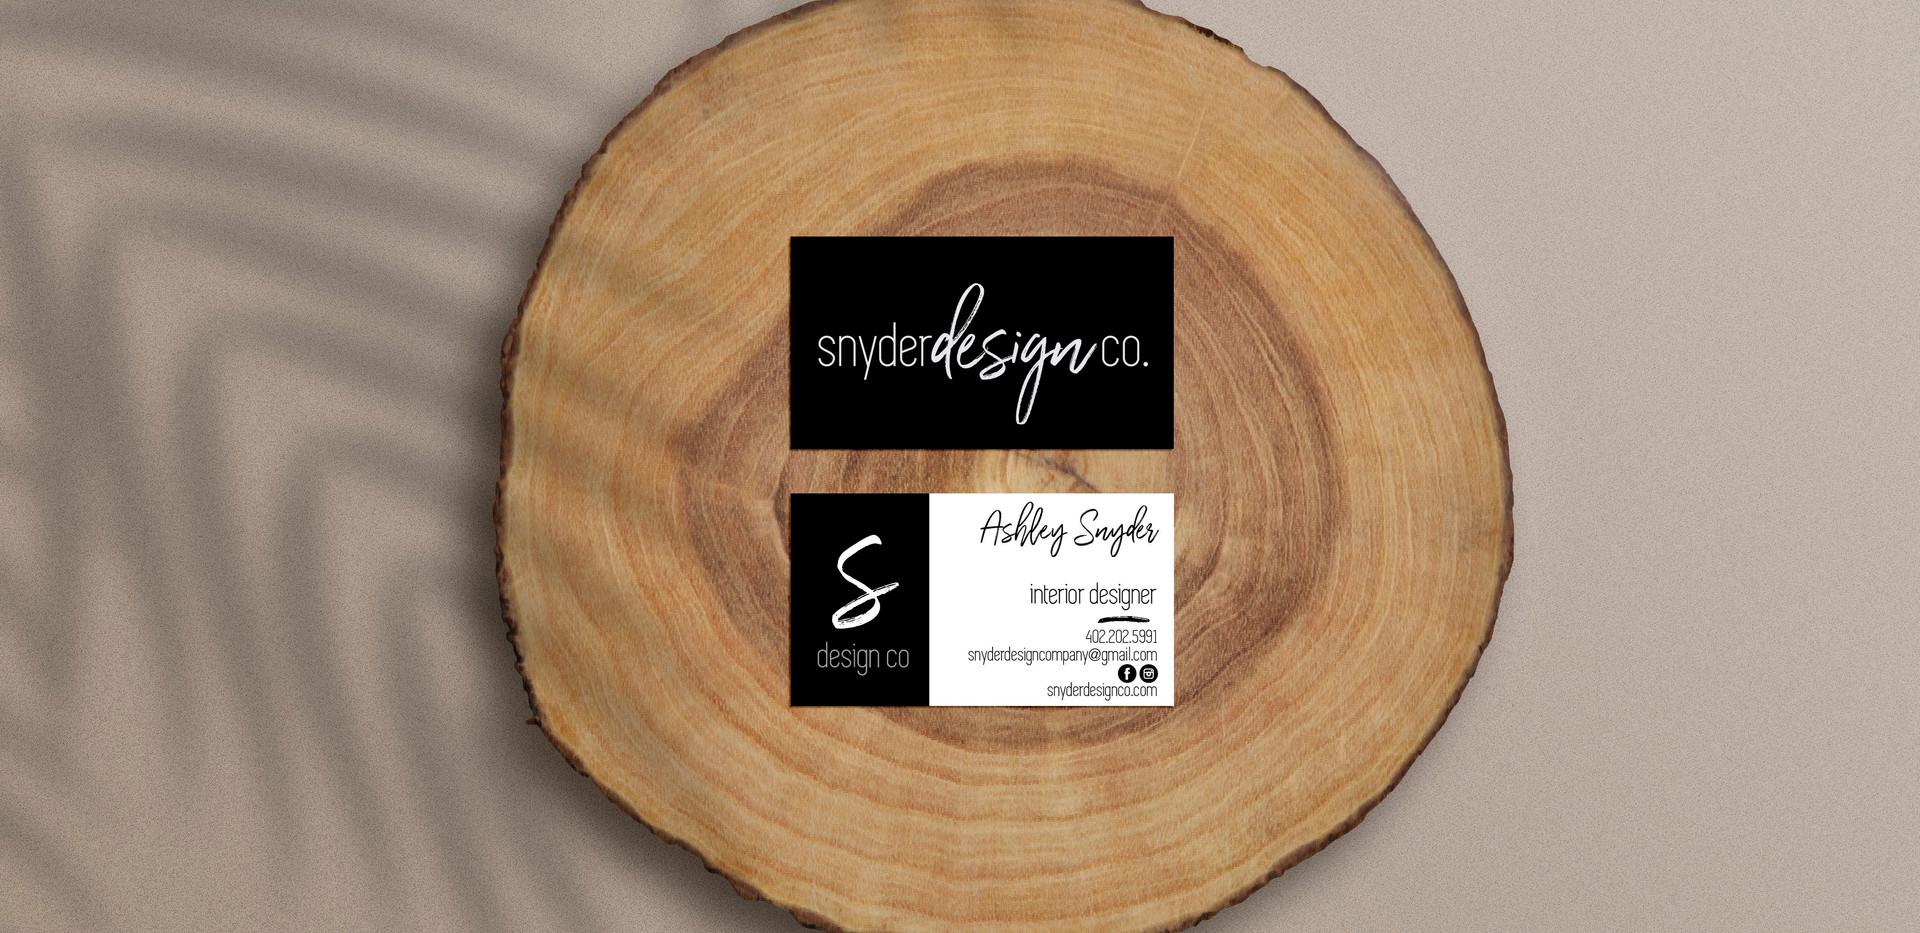 Snyder Design Co.